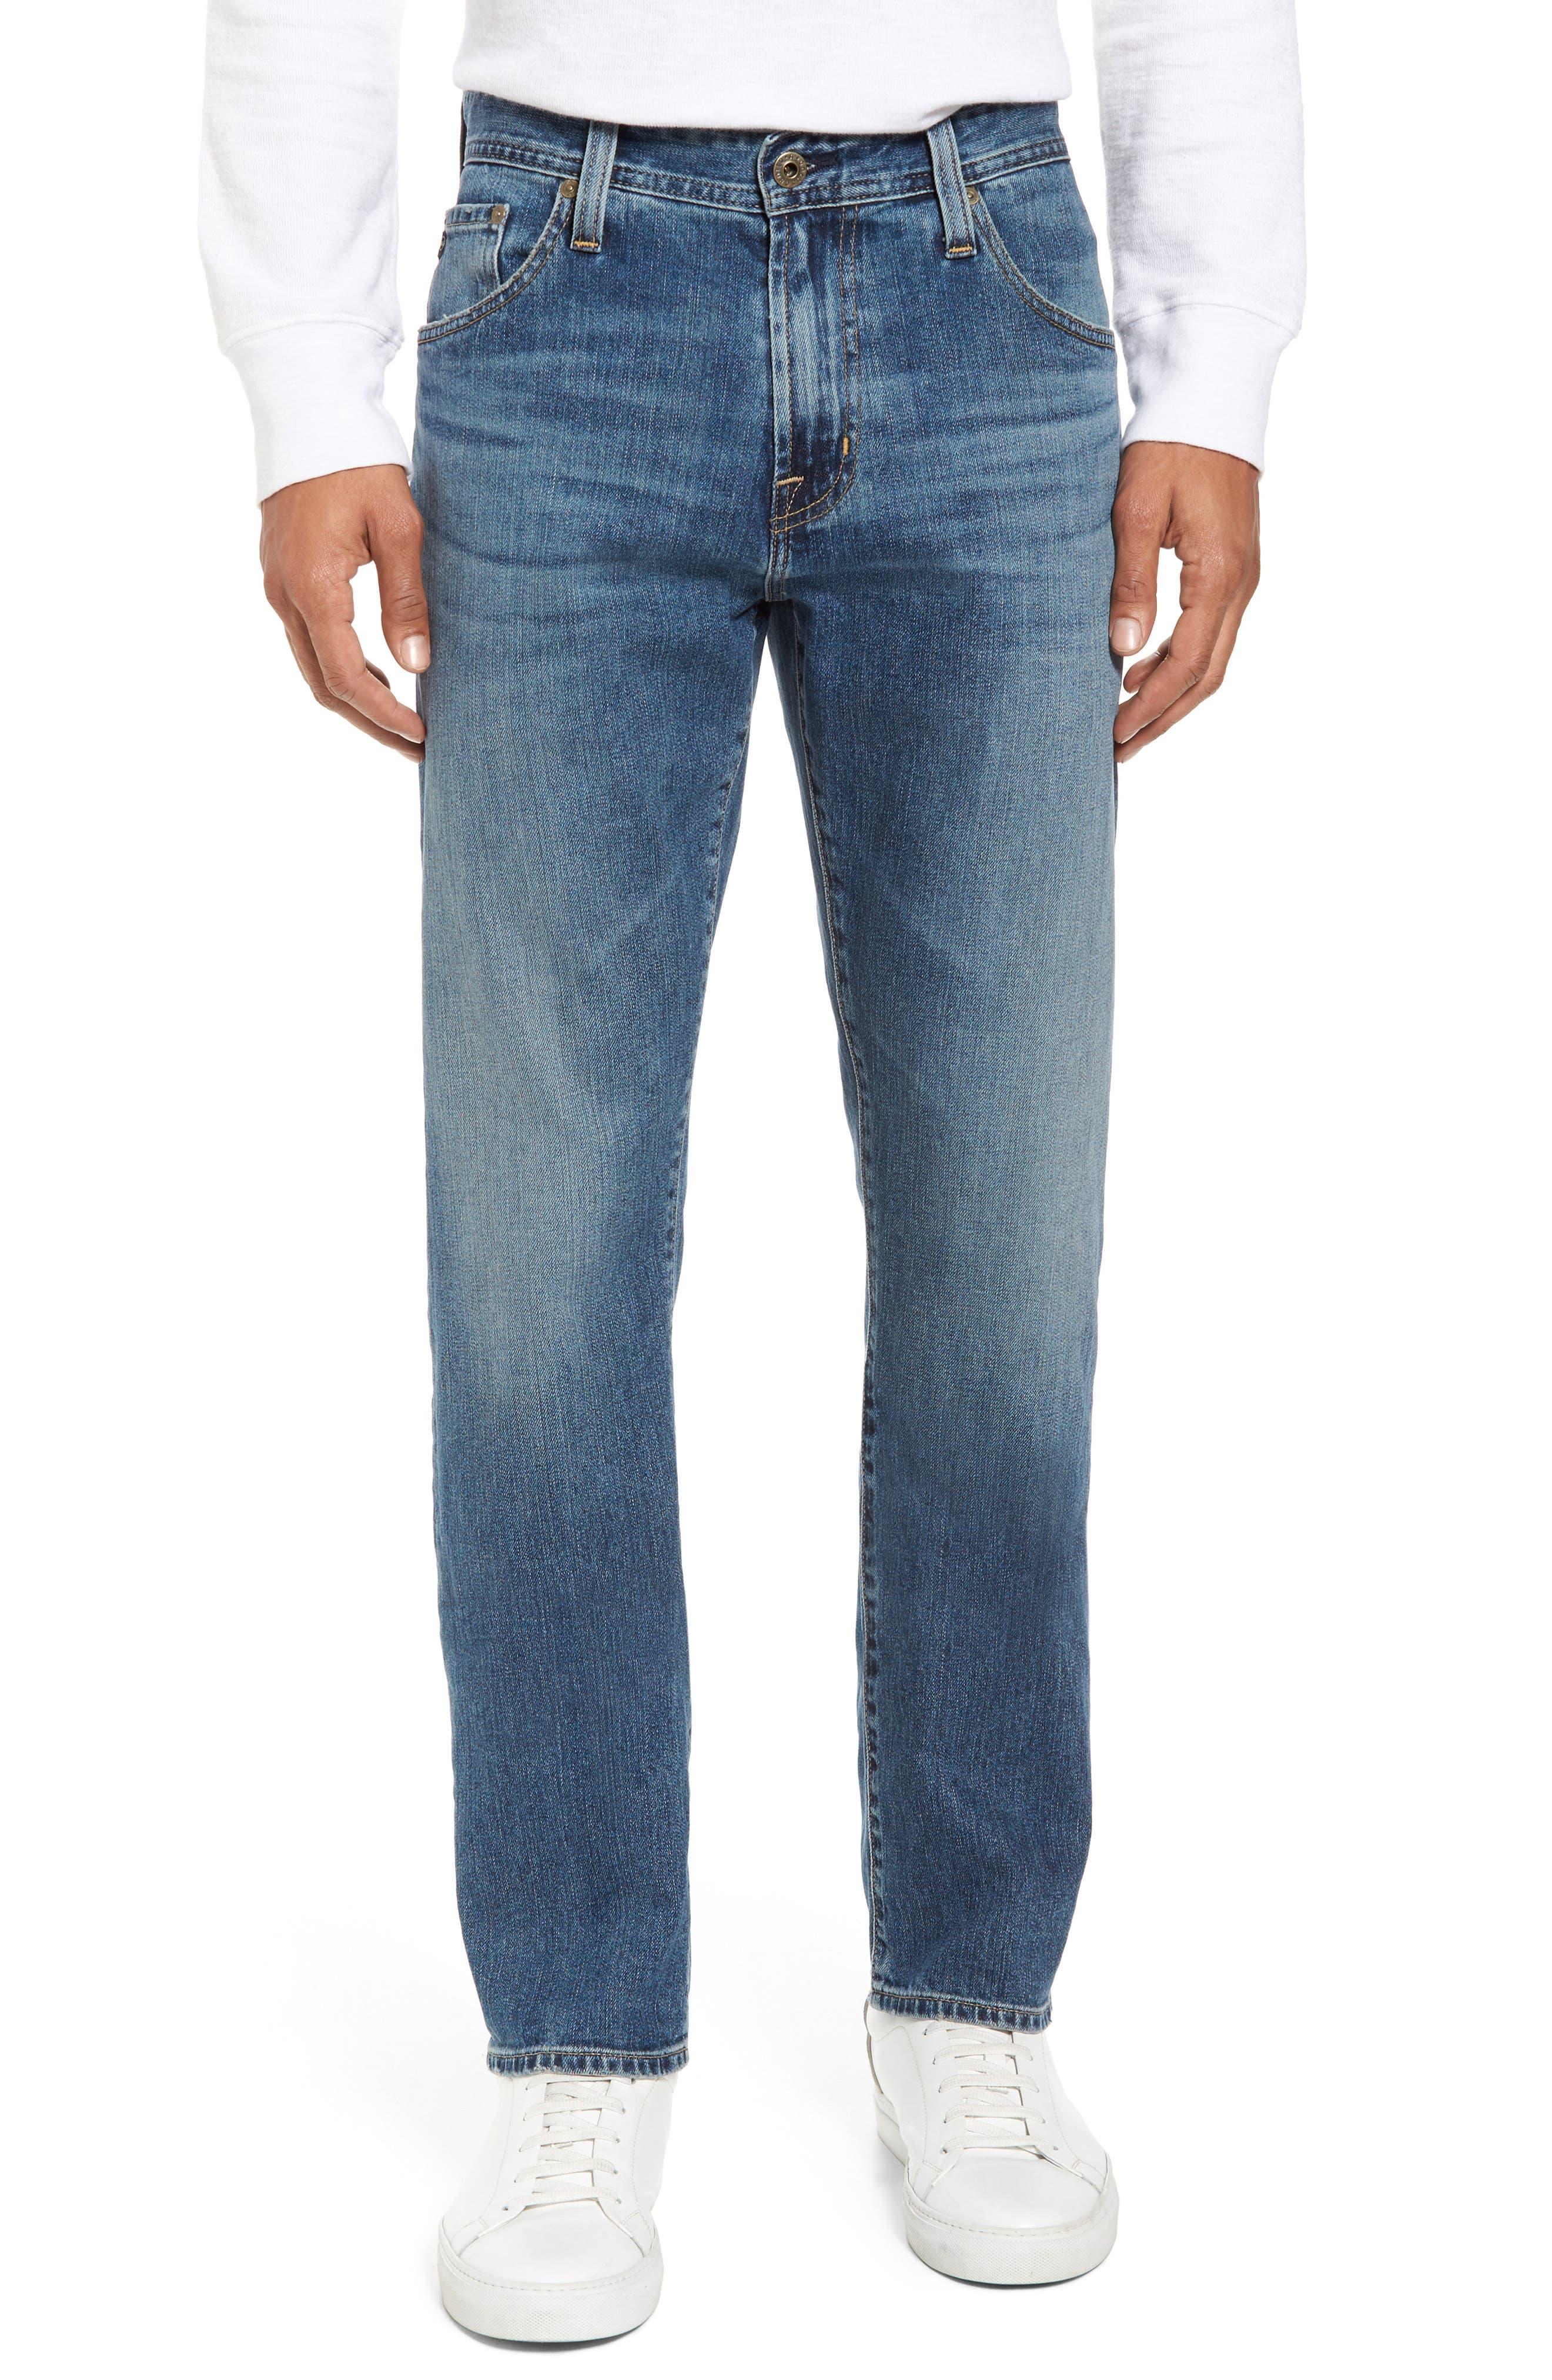 Alternate Image 1 Selected - AG Ives Straight Fit Jeans (Grasslands)